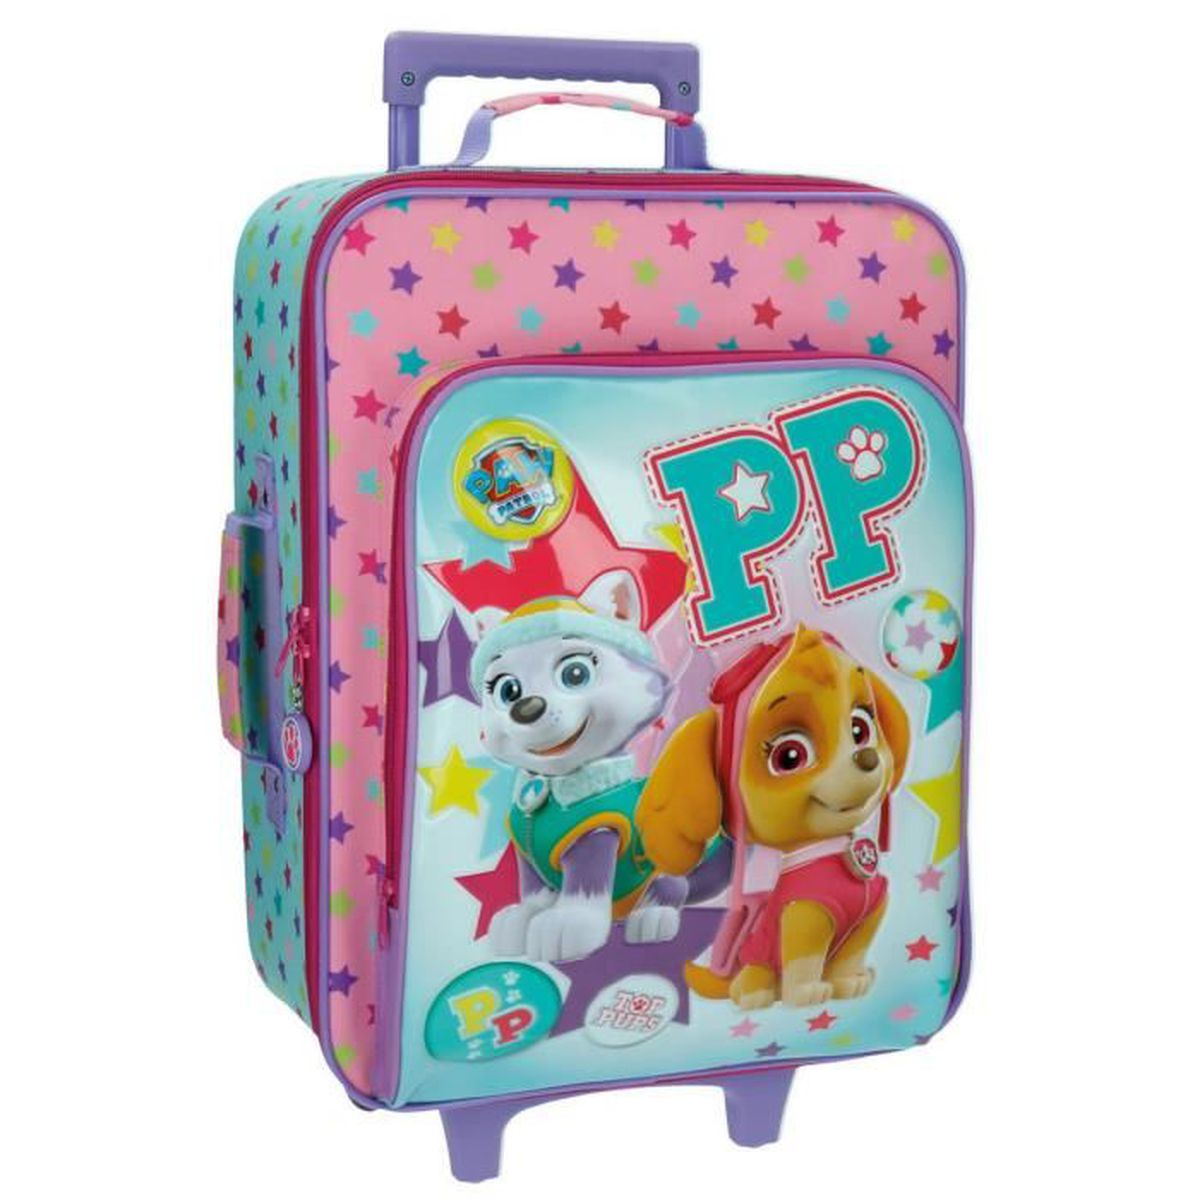 valise cabine souple 2 roues pour enfant paw patrol top pups bleu achat vente valise. Black Bedroom Furniture Sets. Home Design Ideas